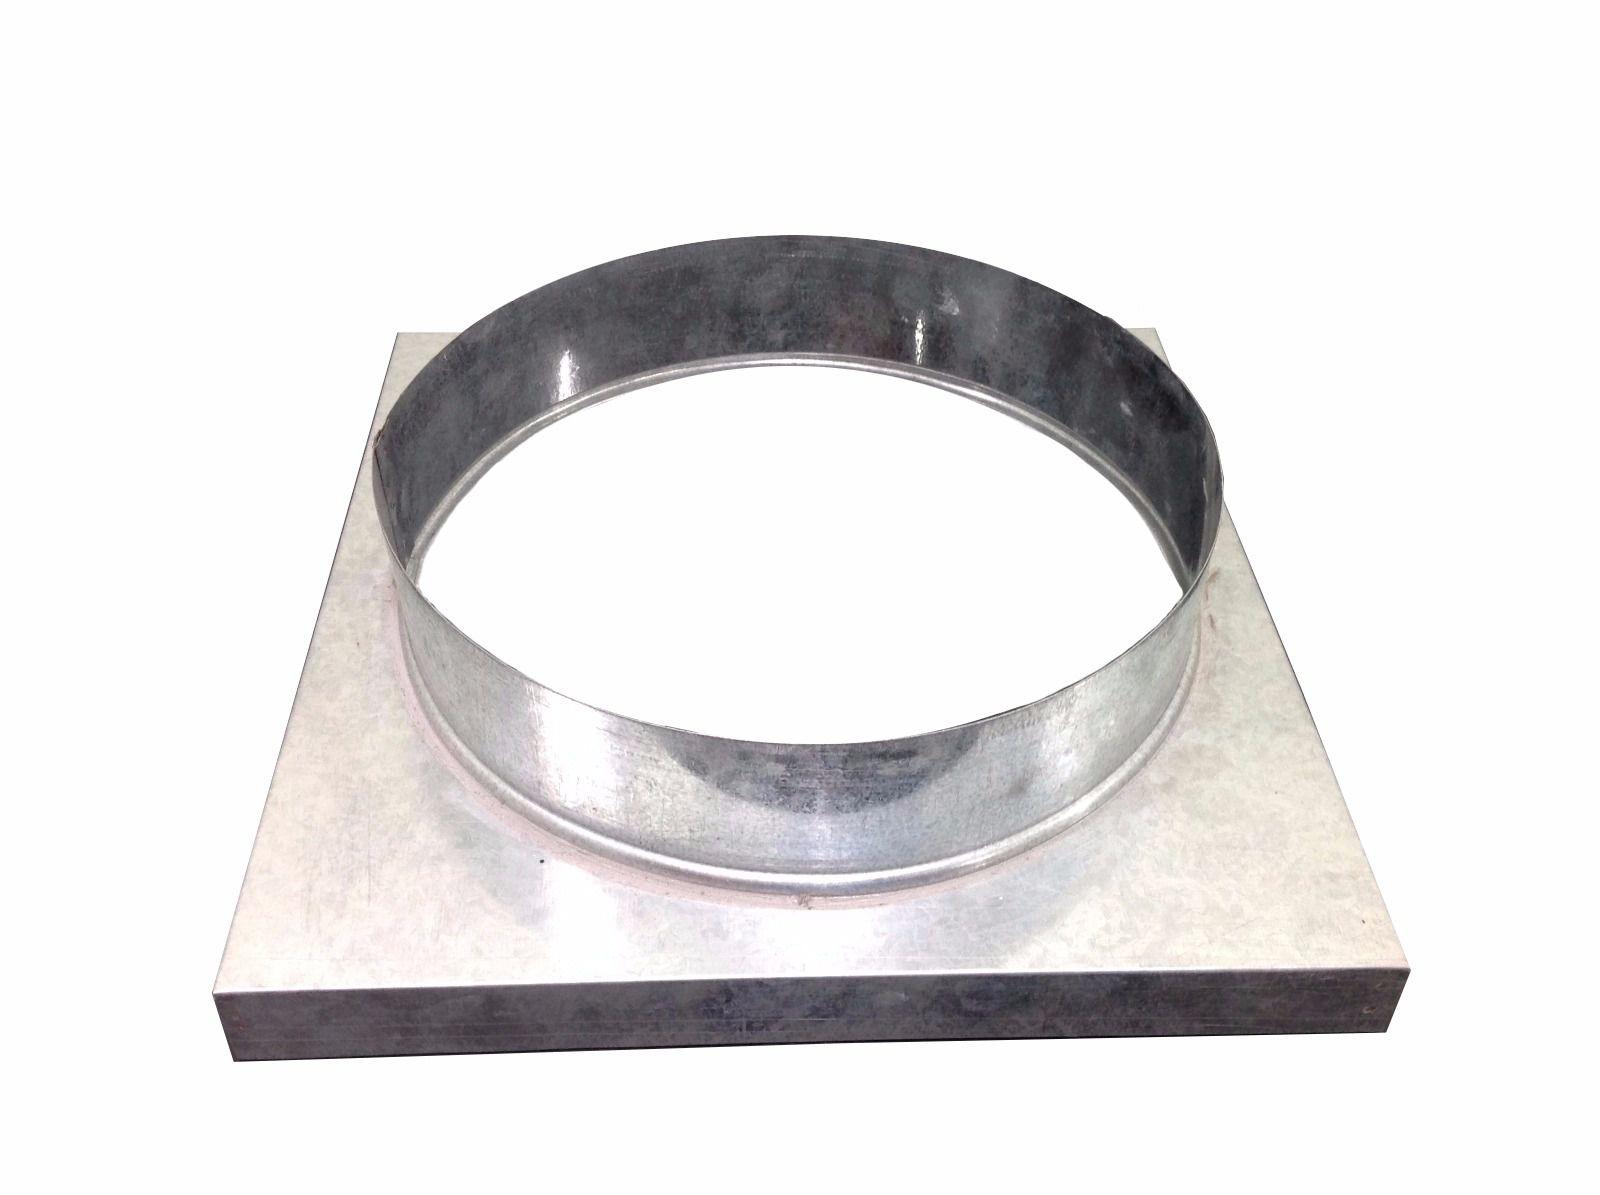 Adaptador galvanizado de quadrado 30,5 x 30,5 cm para redondo 115 mm de diâmetro  - Galvocalhas